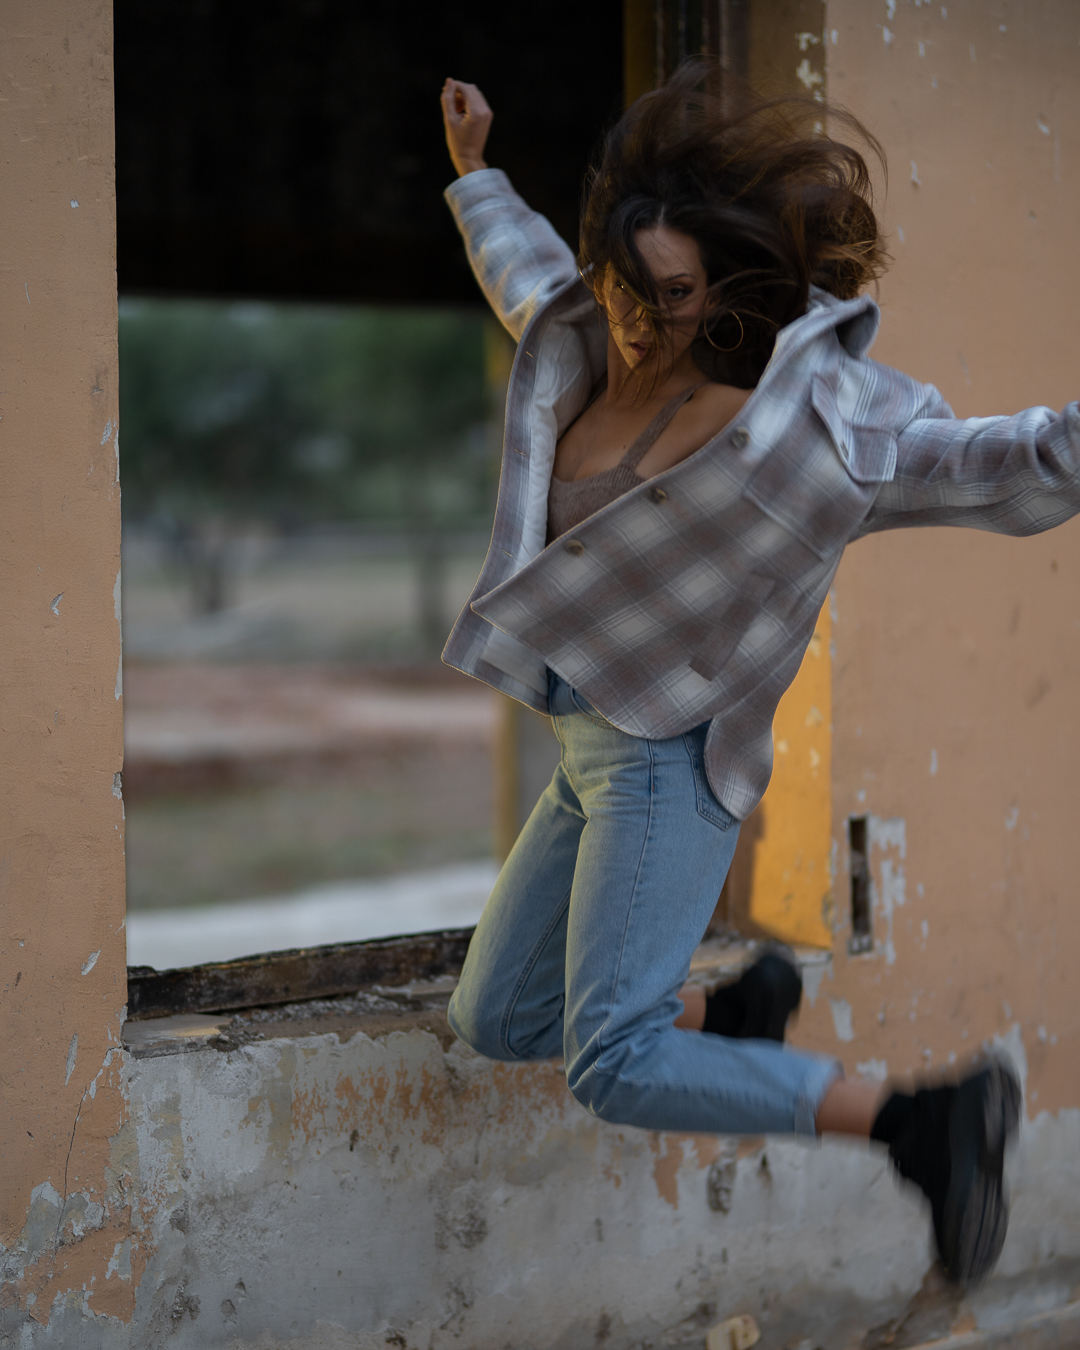 Sesión fotográfica modelo Gemma Ortega por Carlos Navarro Prat – Estudio Pliegues